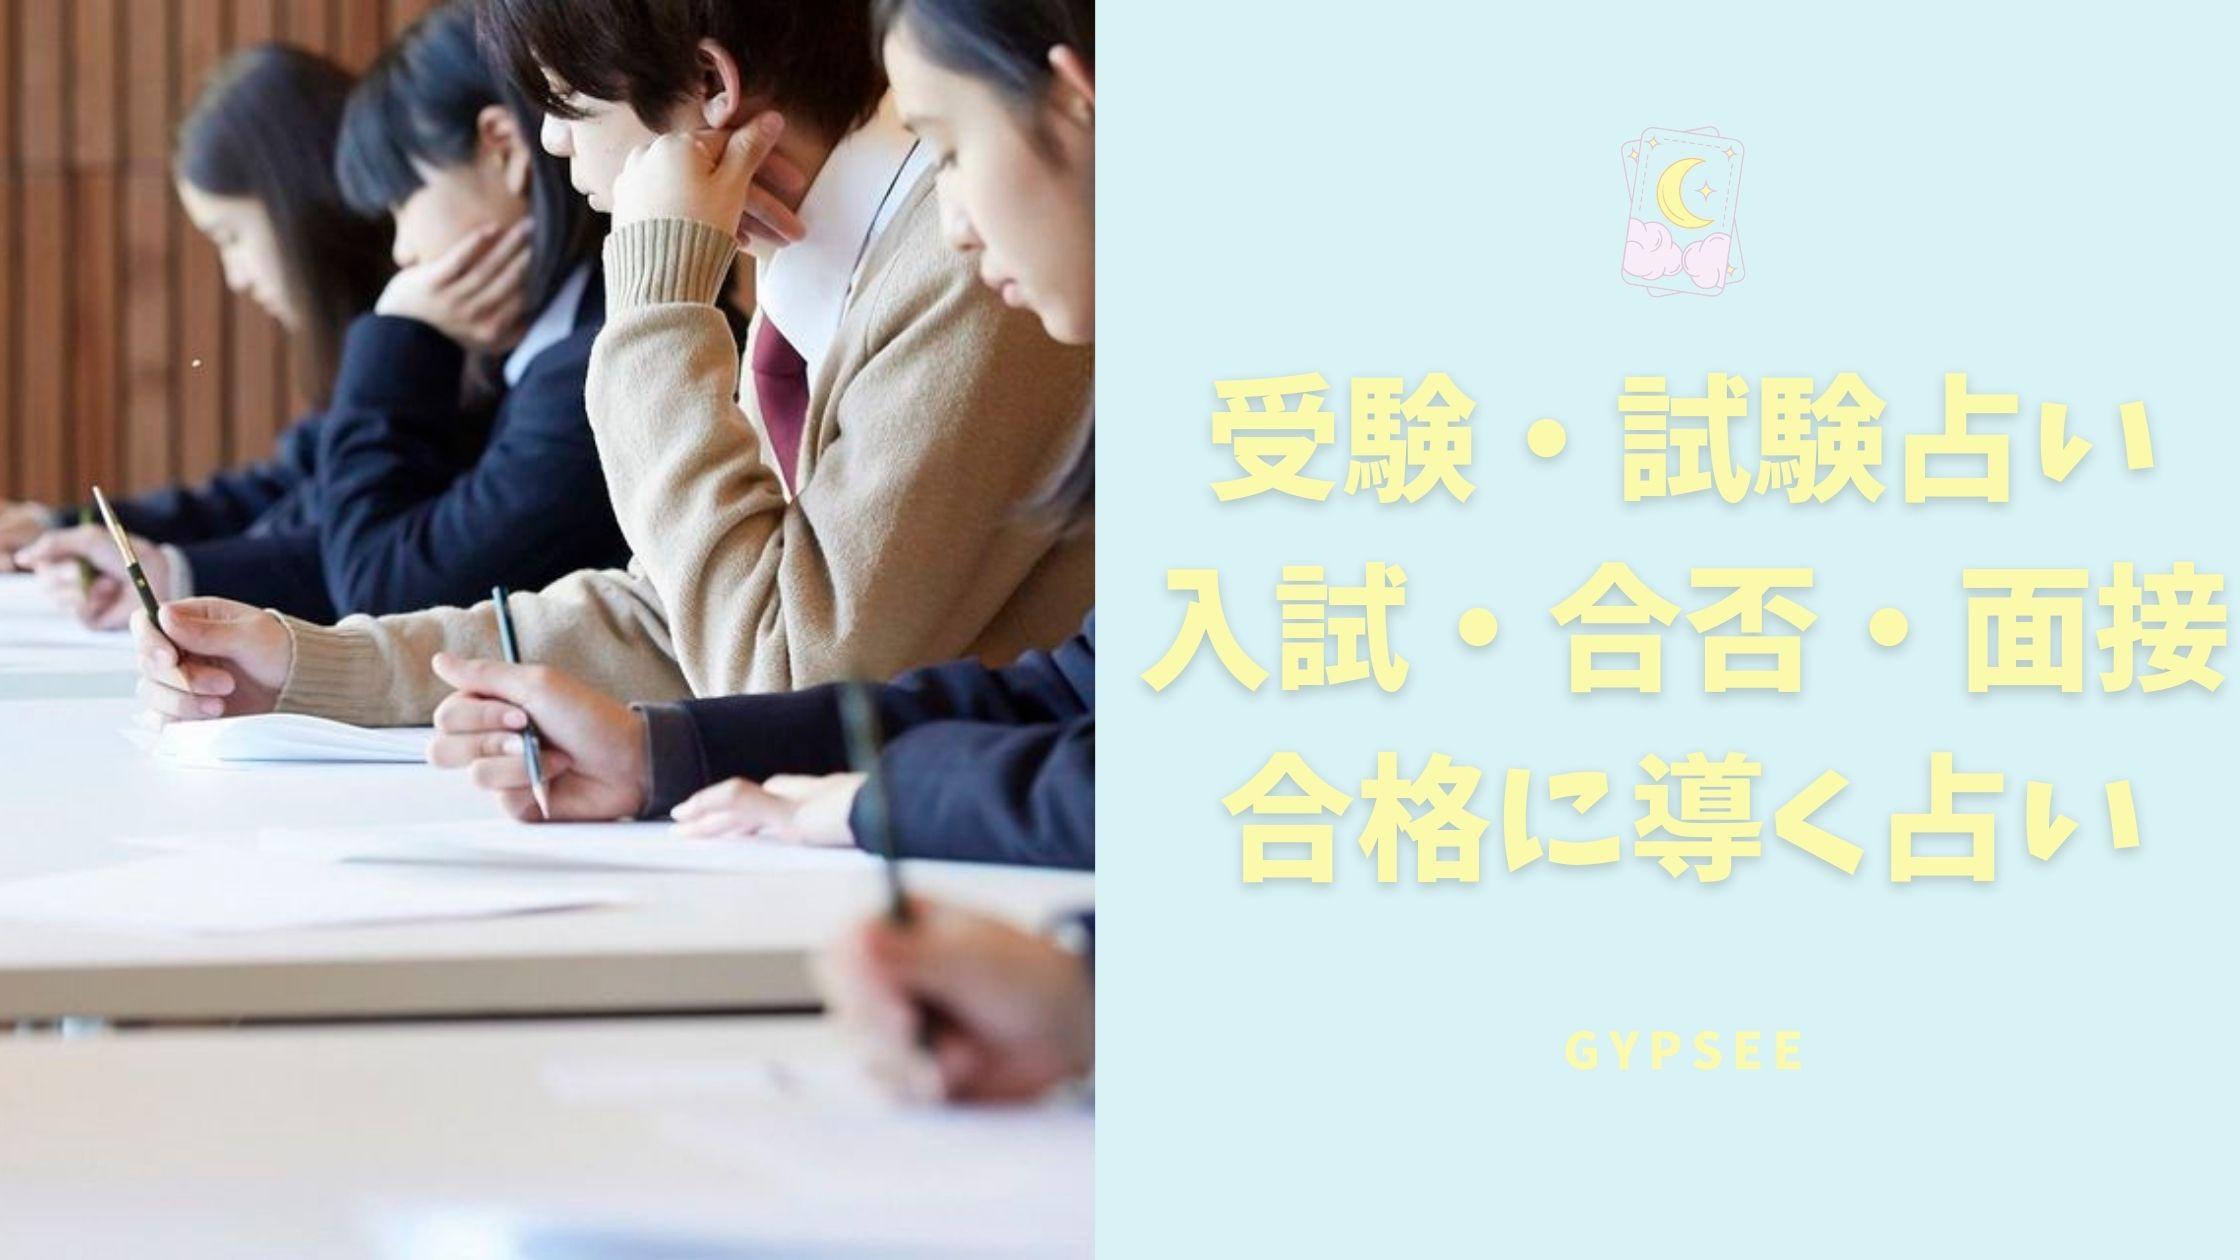 【受験・試験占い】当たる占い師!絶対合格?合否・入試・面接など